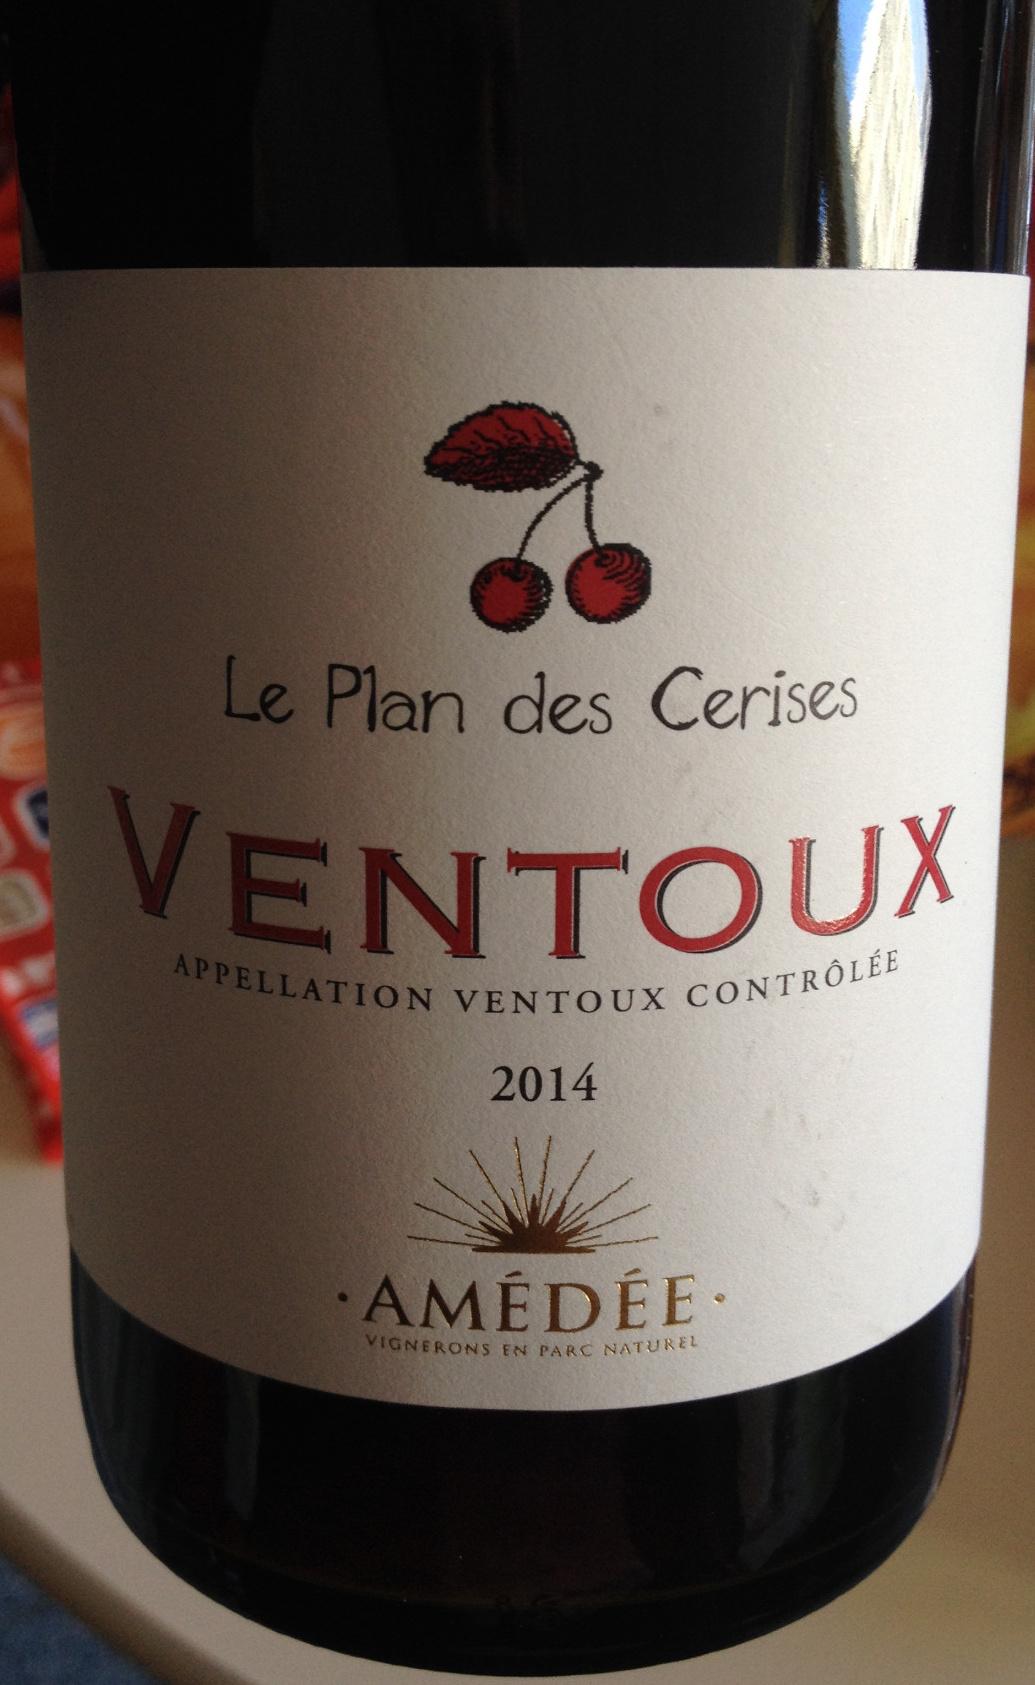 Ventoux 2014 - Product - fr